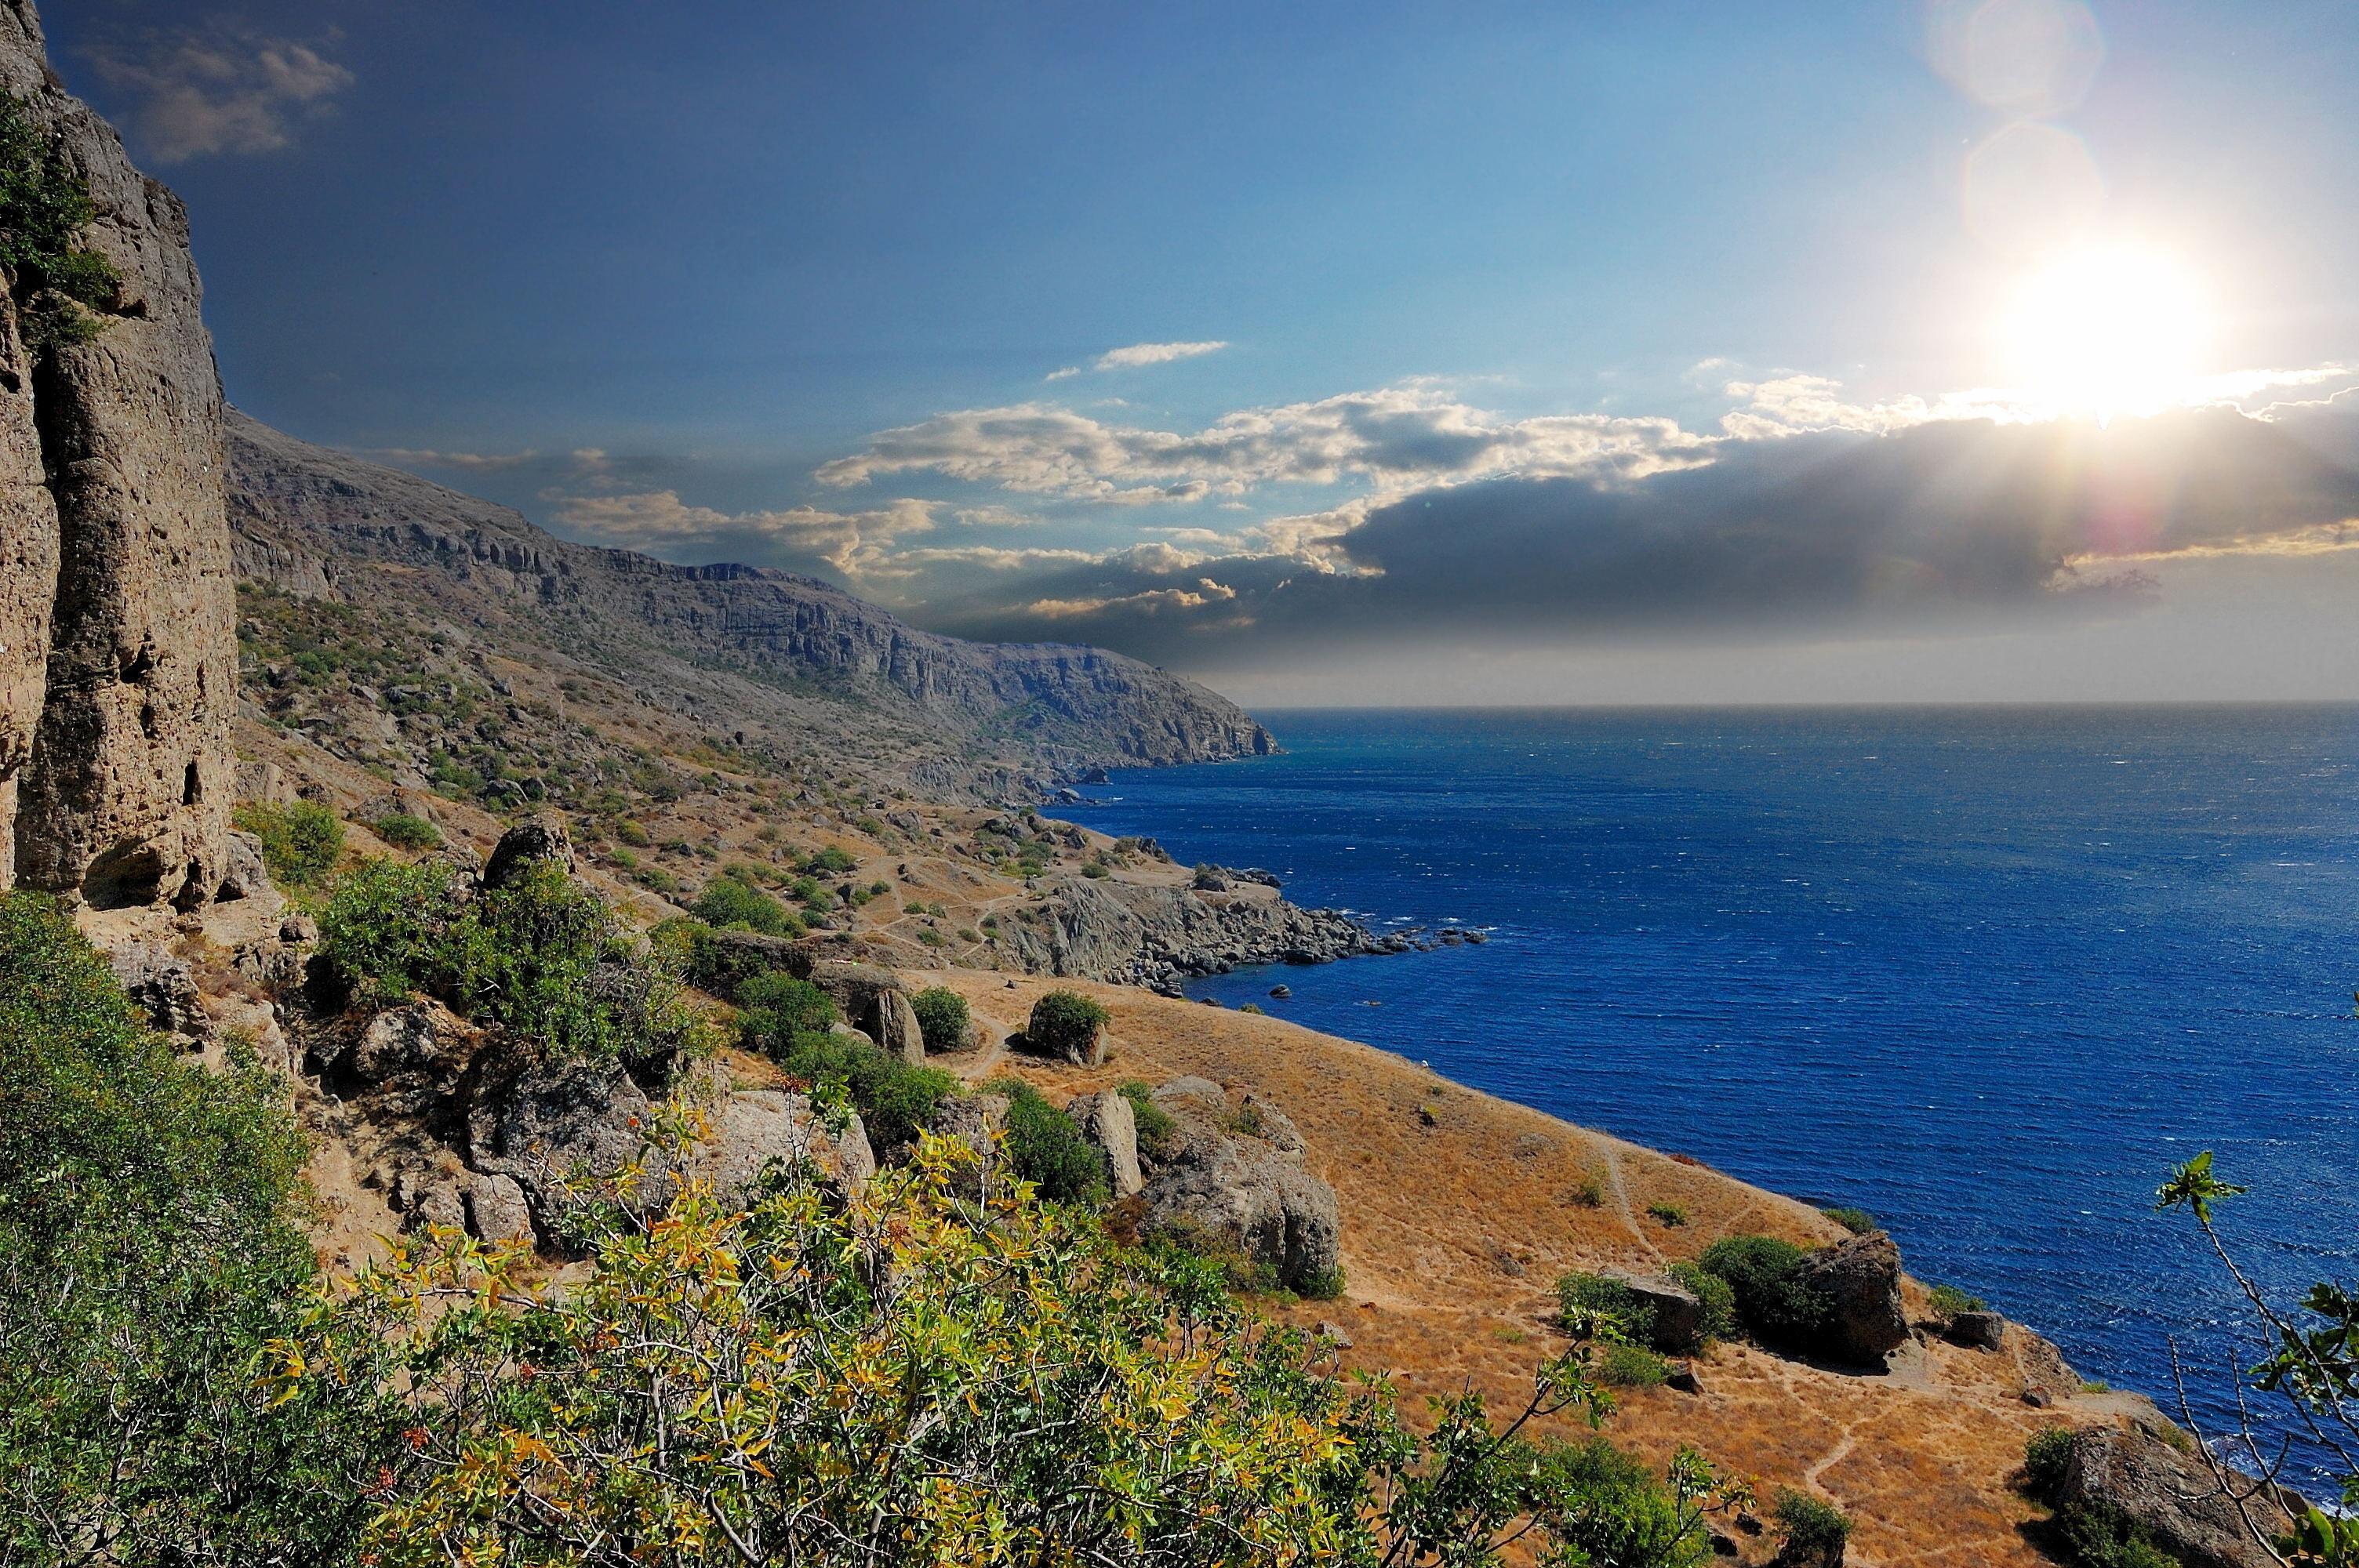 Фото природы летом, красивые фото природы, фото Крыма